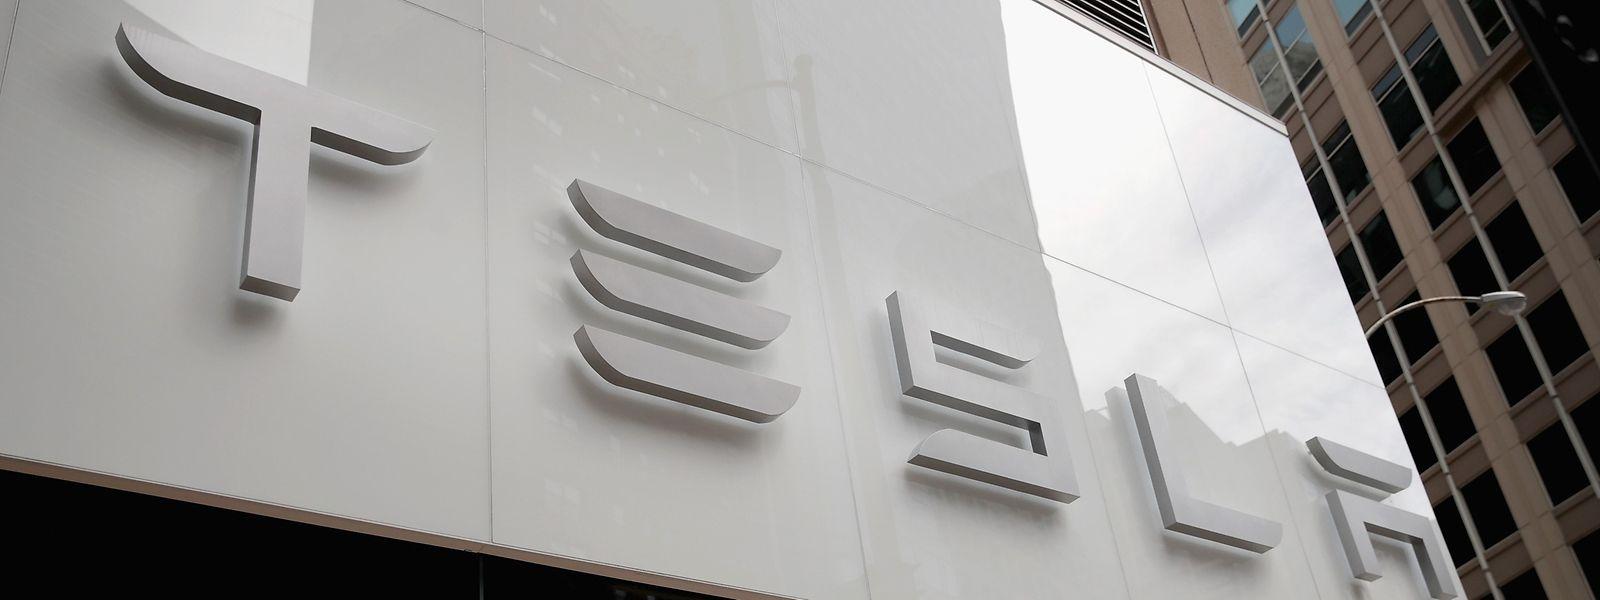 Tesla: Autopilot-System war bei jüngstem tödlichen Unfall an